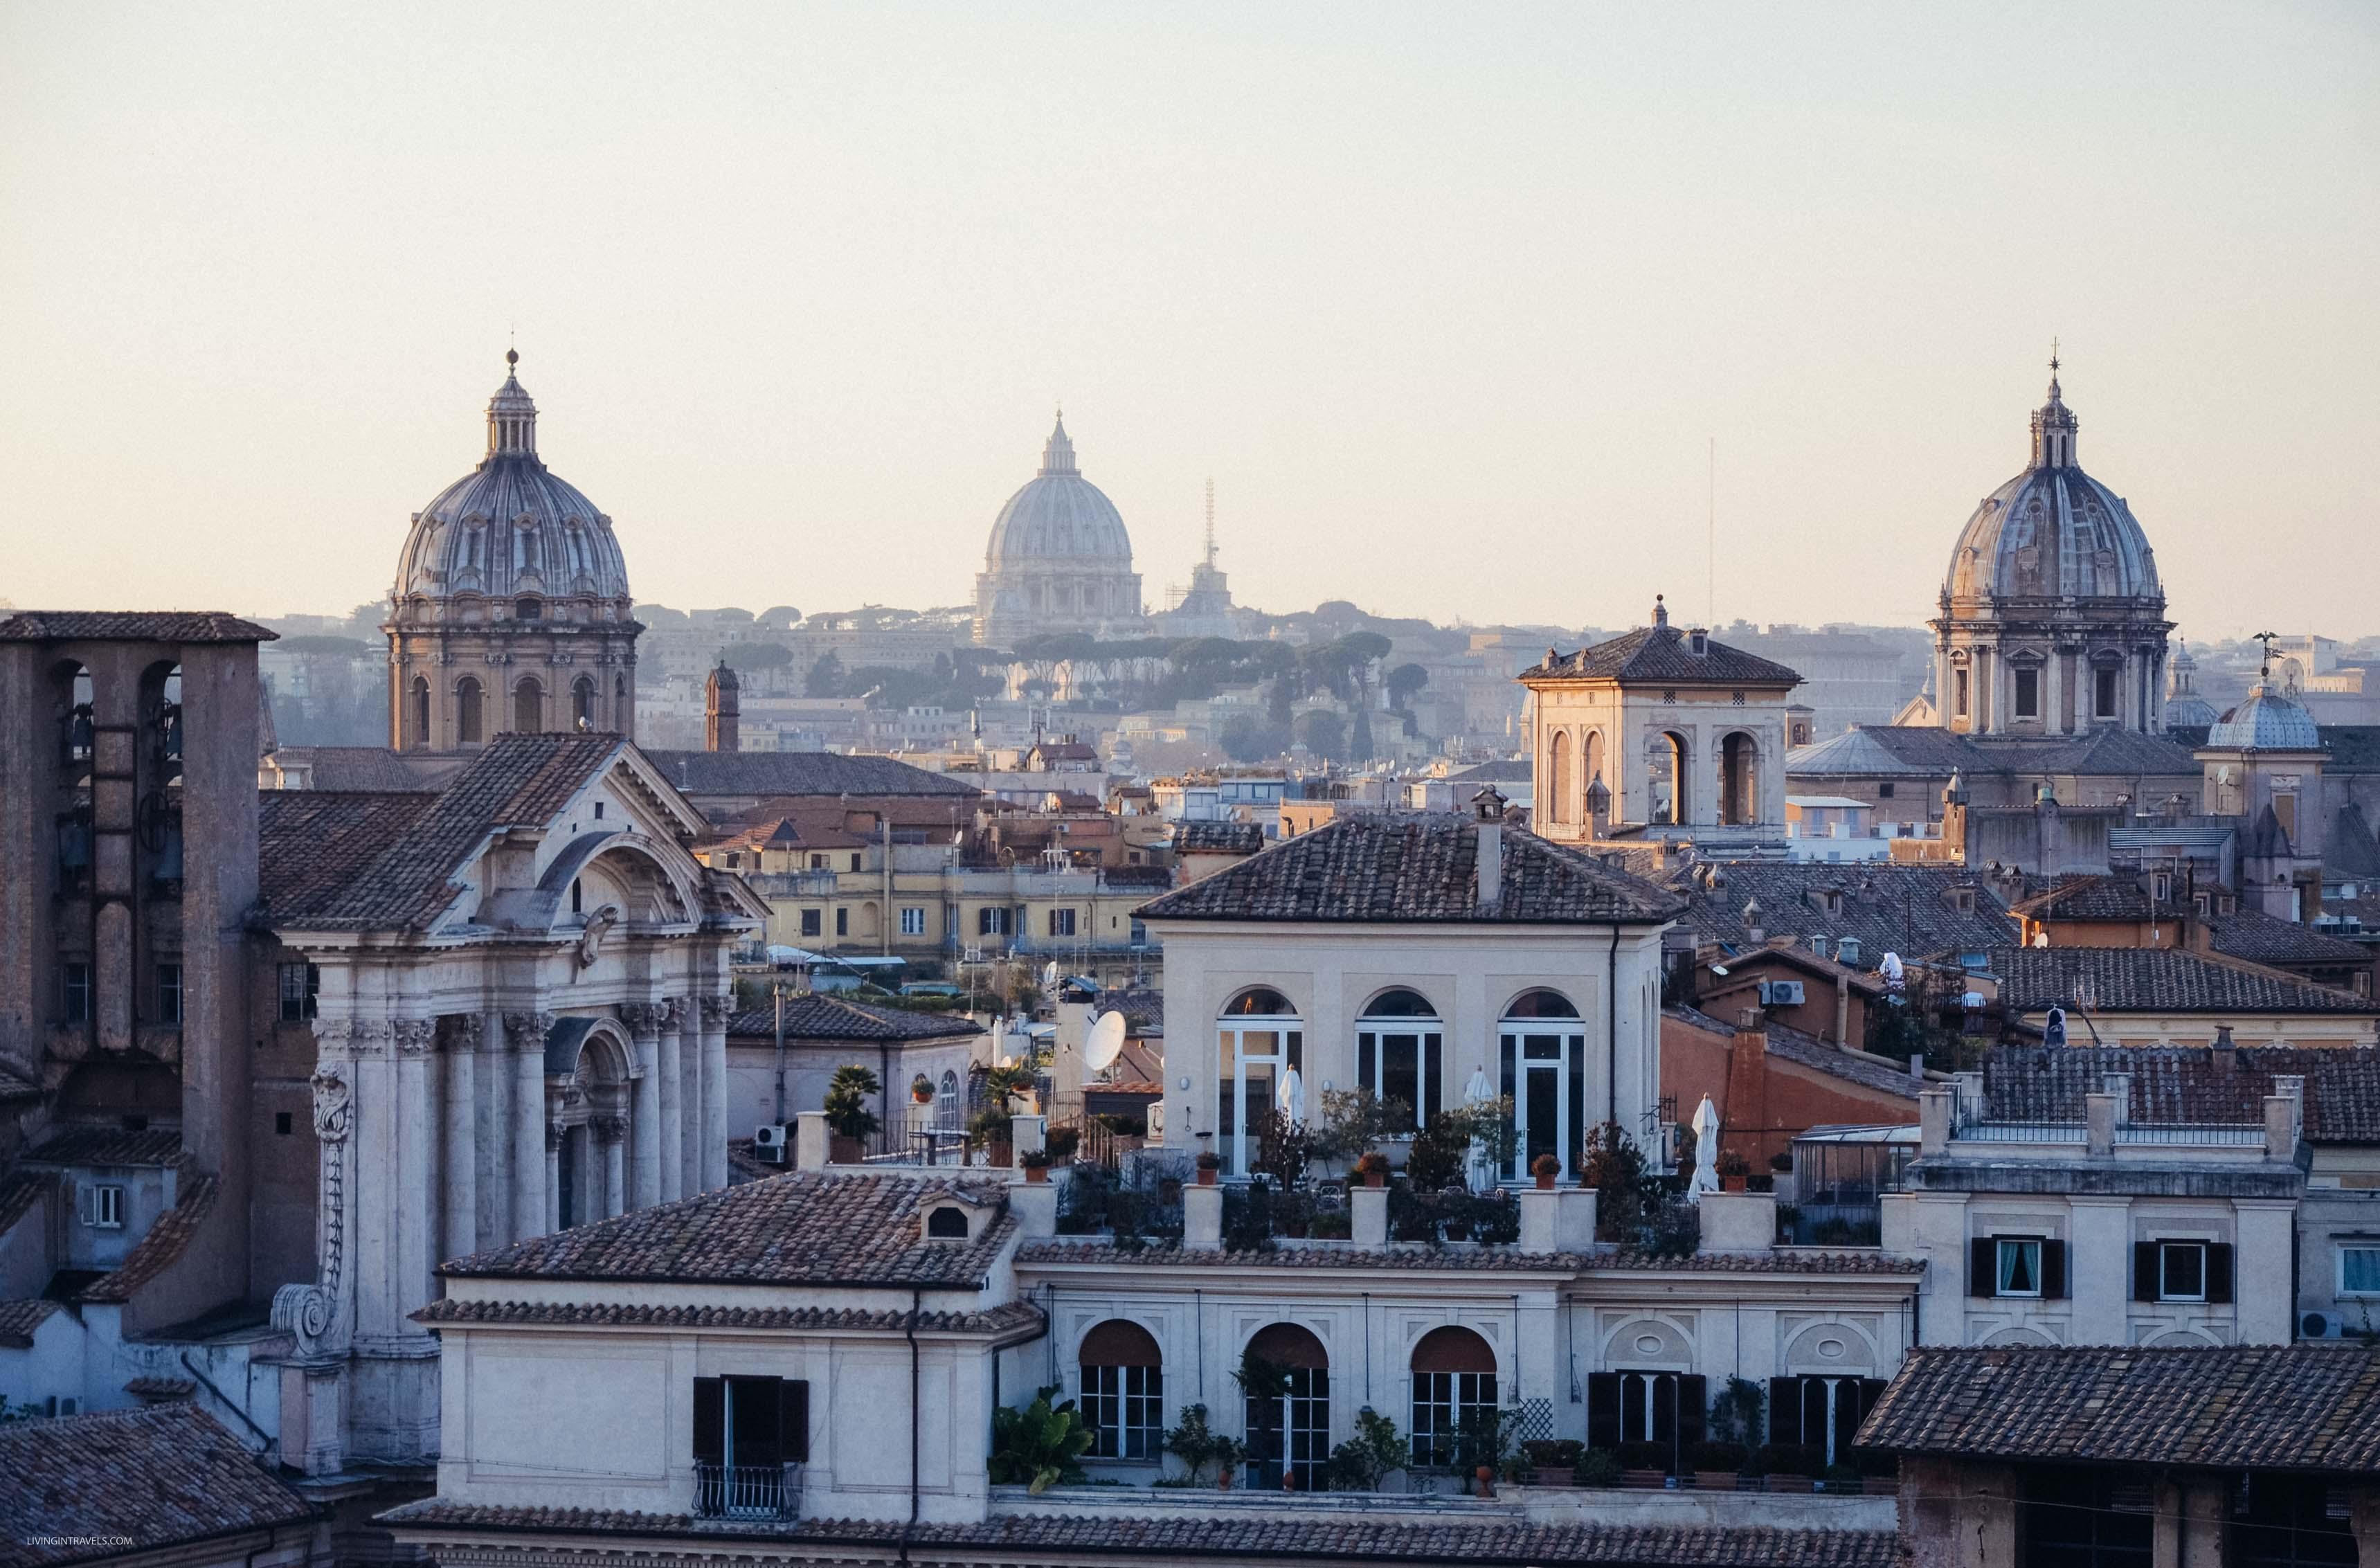 Вид с террасы Кафарелли. Рим для новичков или как увидеть город бесплатно (почти)